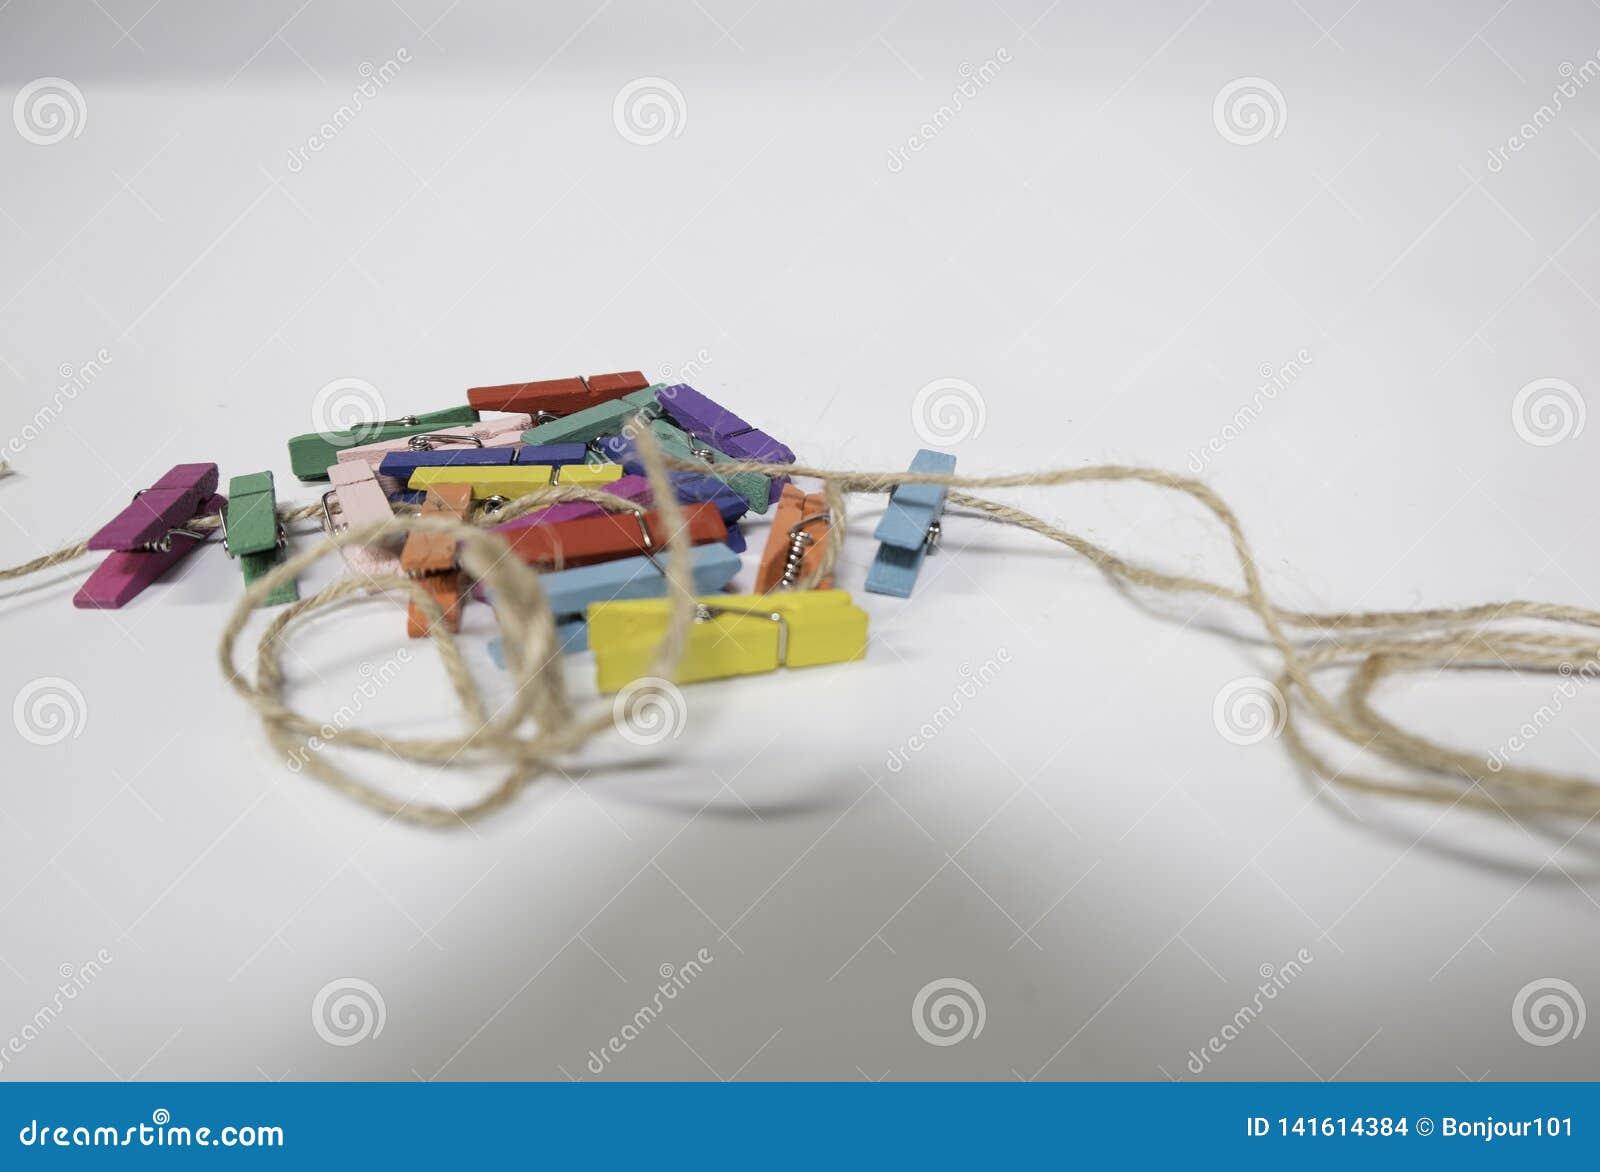 Braçadeiras pequenas Multi-coloridas de pano, empilhando junto em uma pilha e em uma corda O fundo é branco